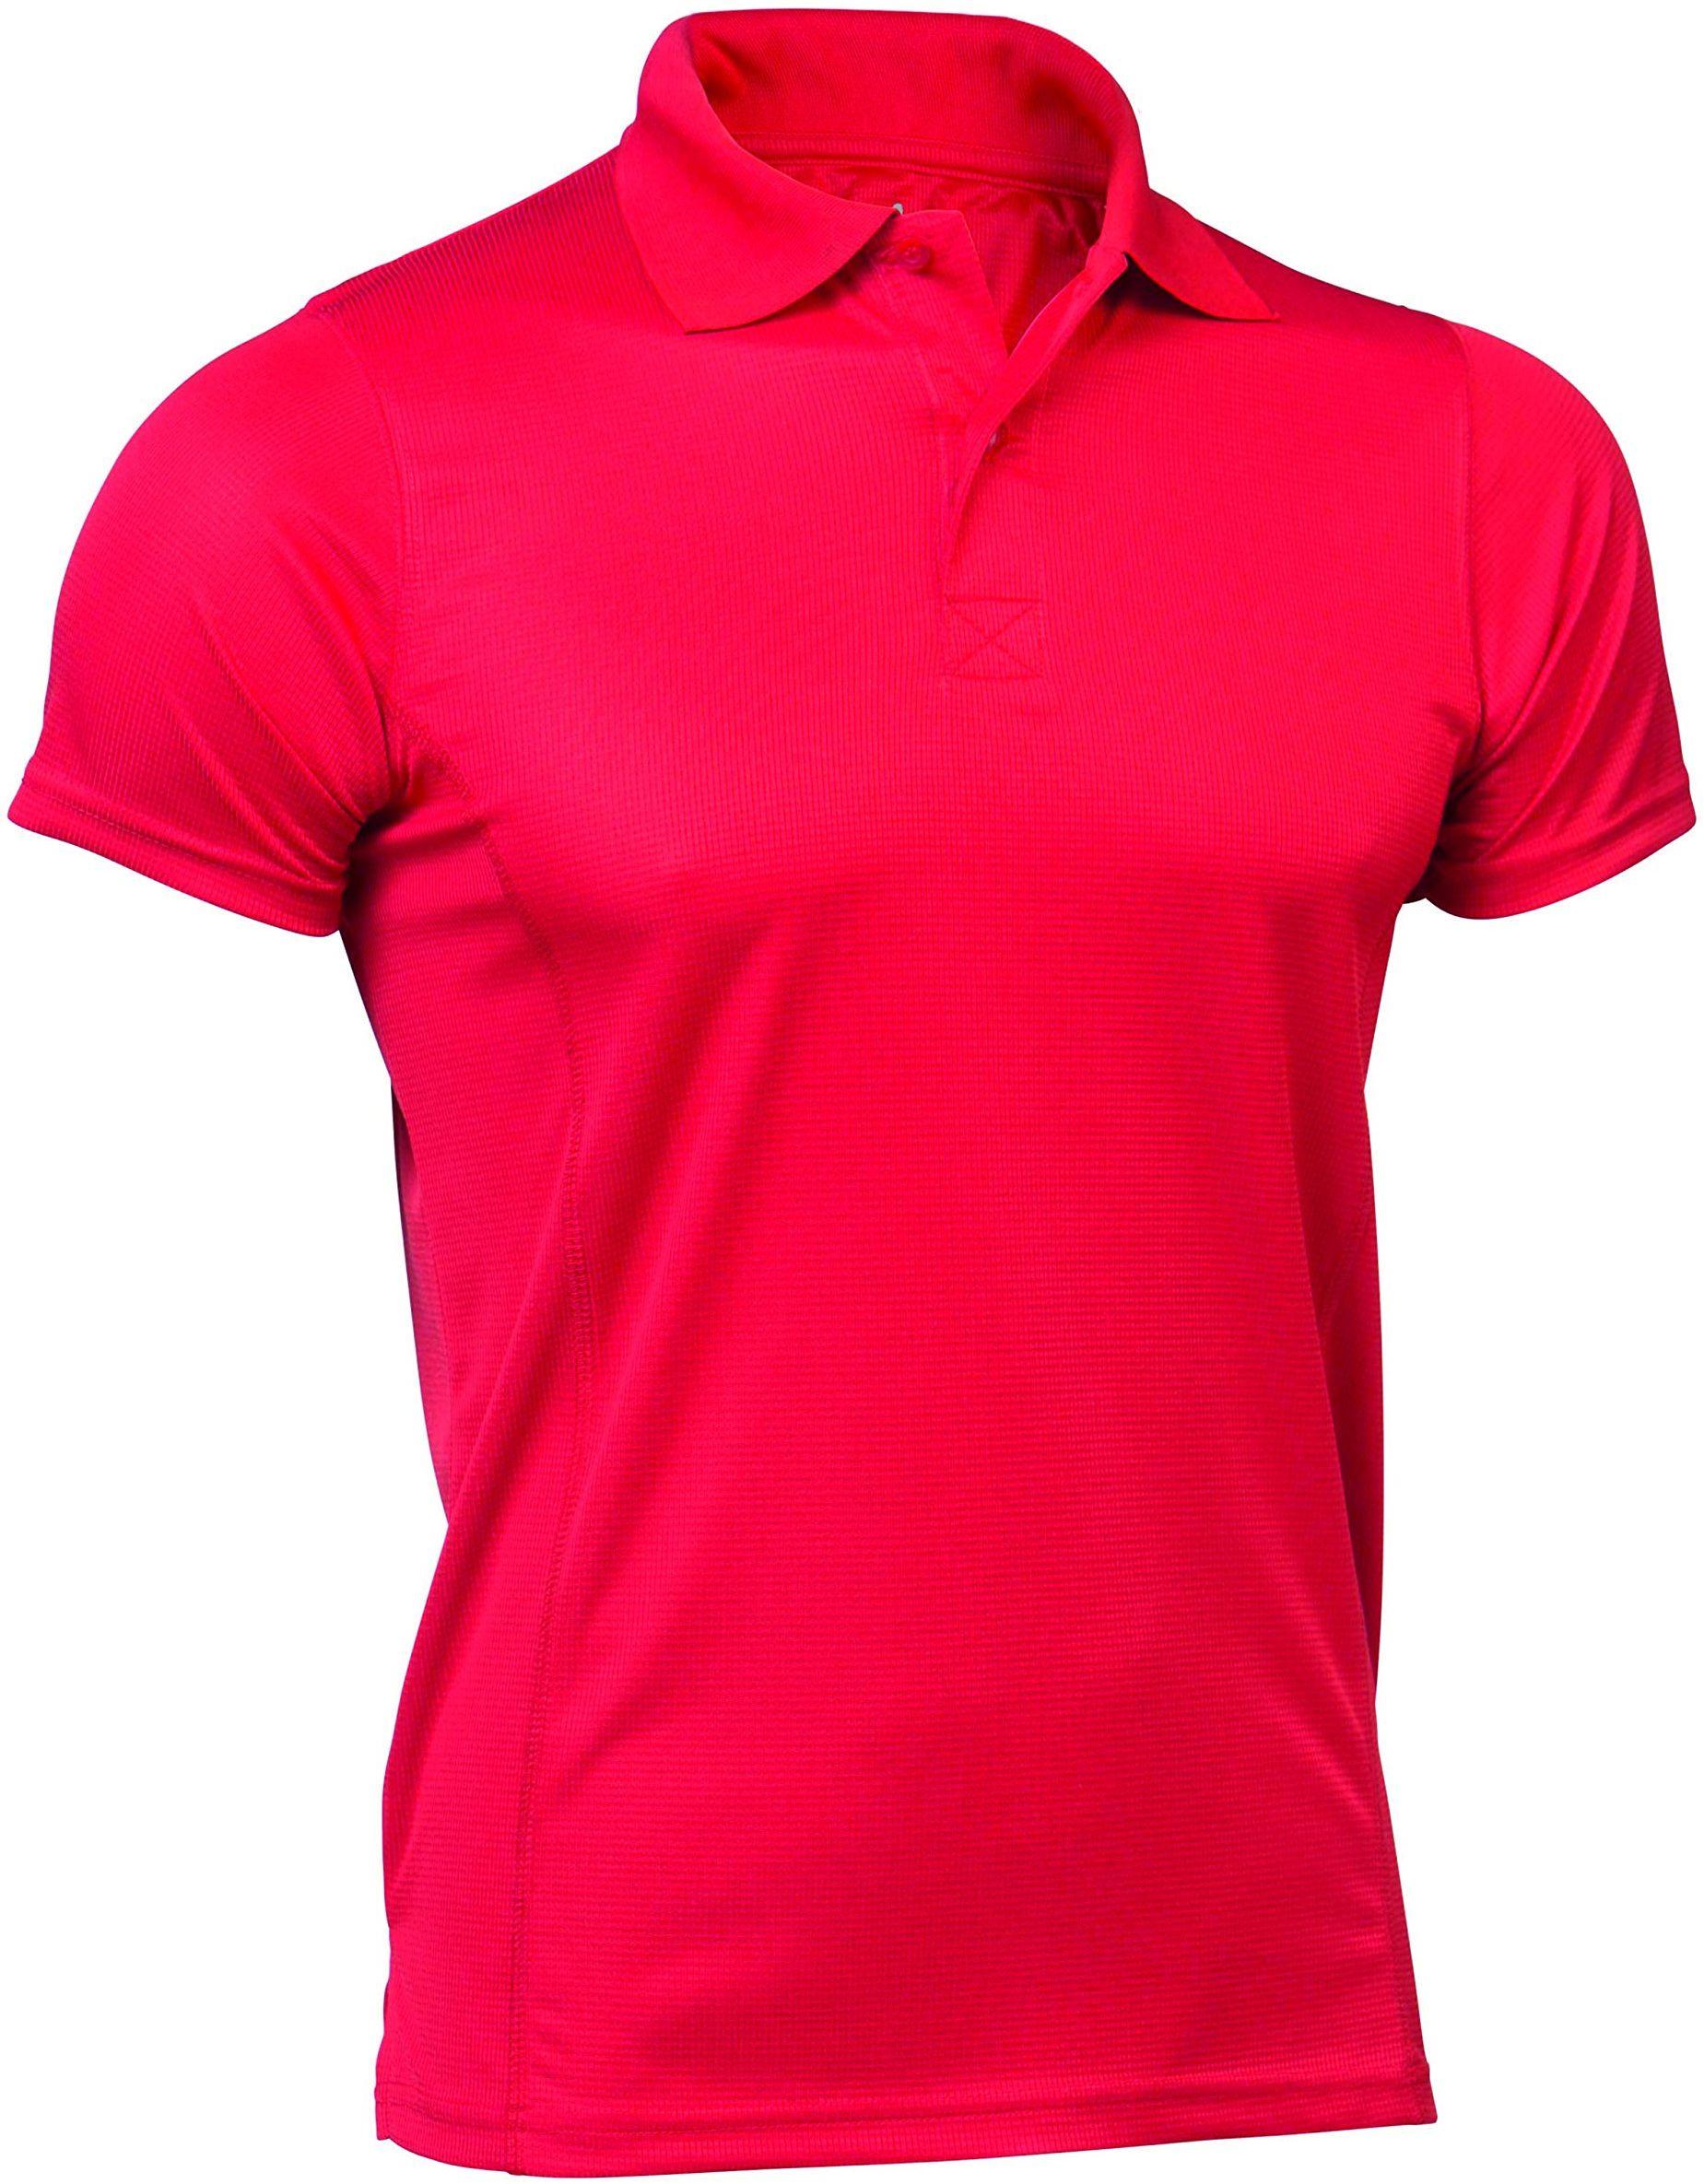 Asioka - 08/13 Techniczna koszulka polo z krótkimi rękawami, gładka, unisex, dorośli. M czerwony